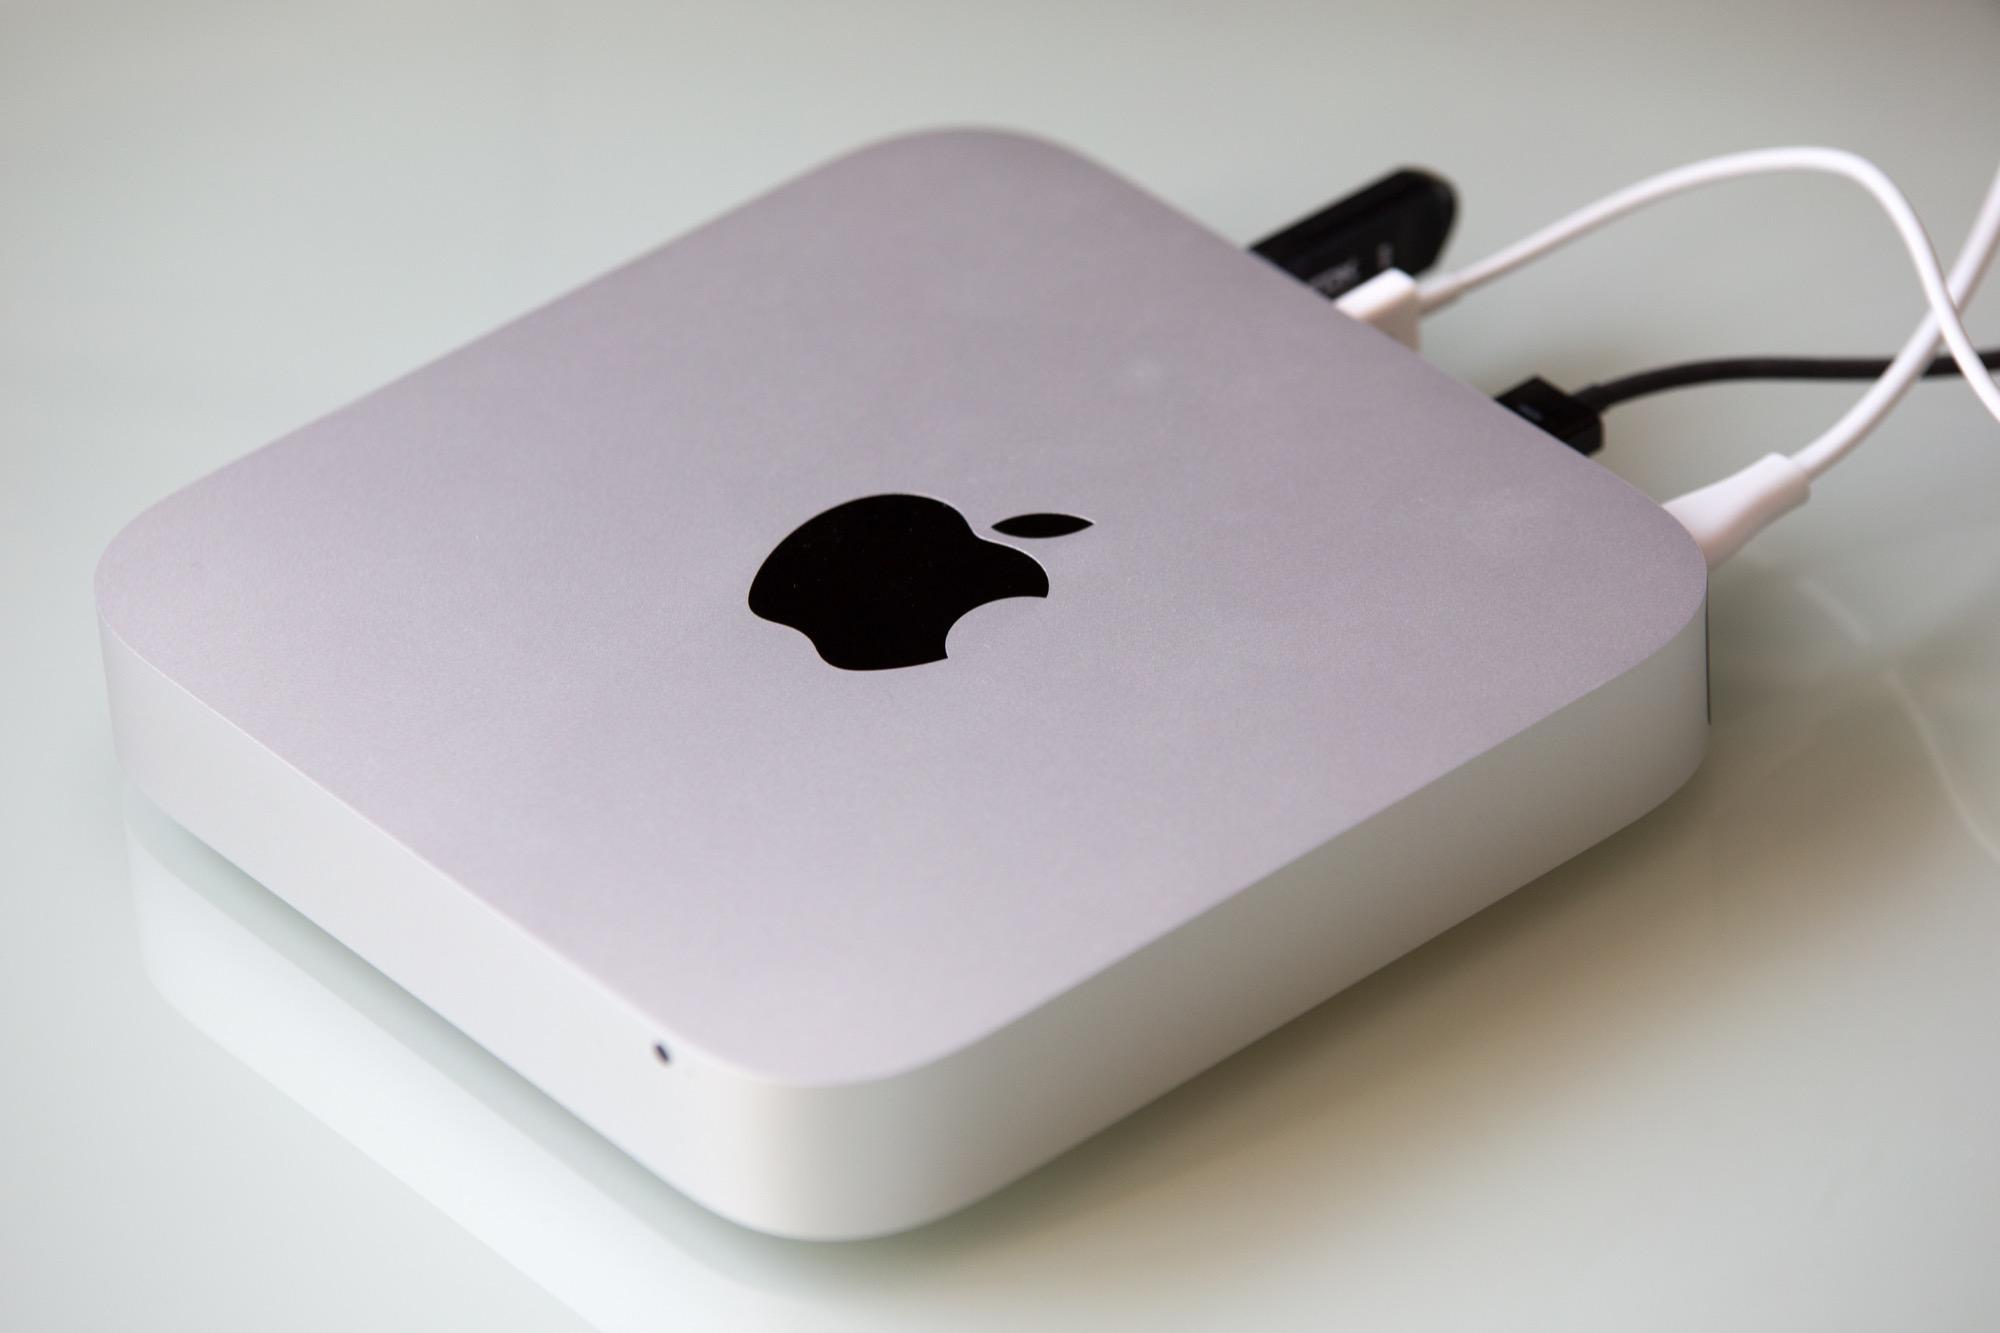 Apple представила новый Mac Mini 2014: цена начинается от 499 долларов